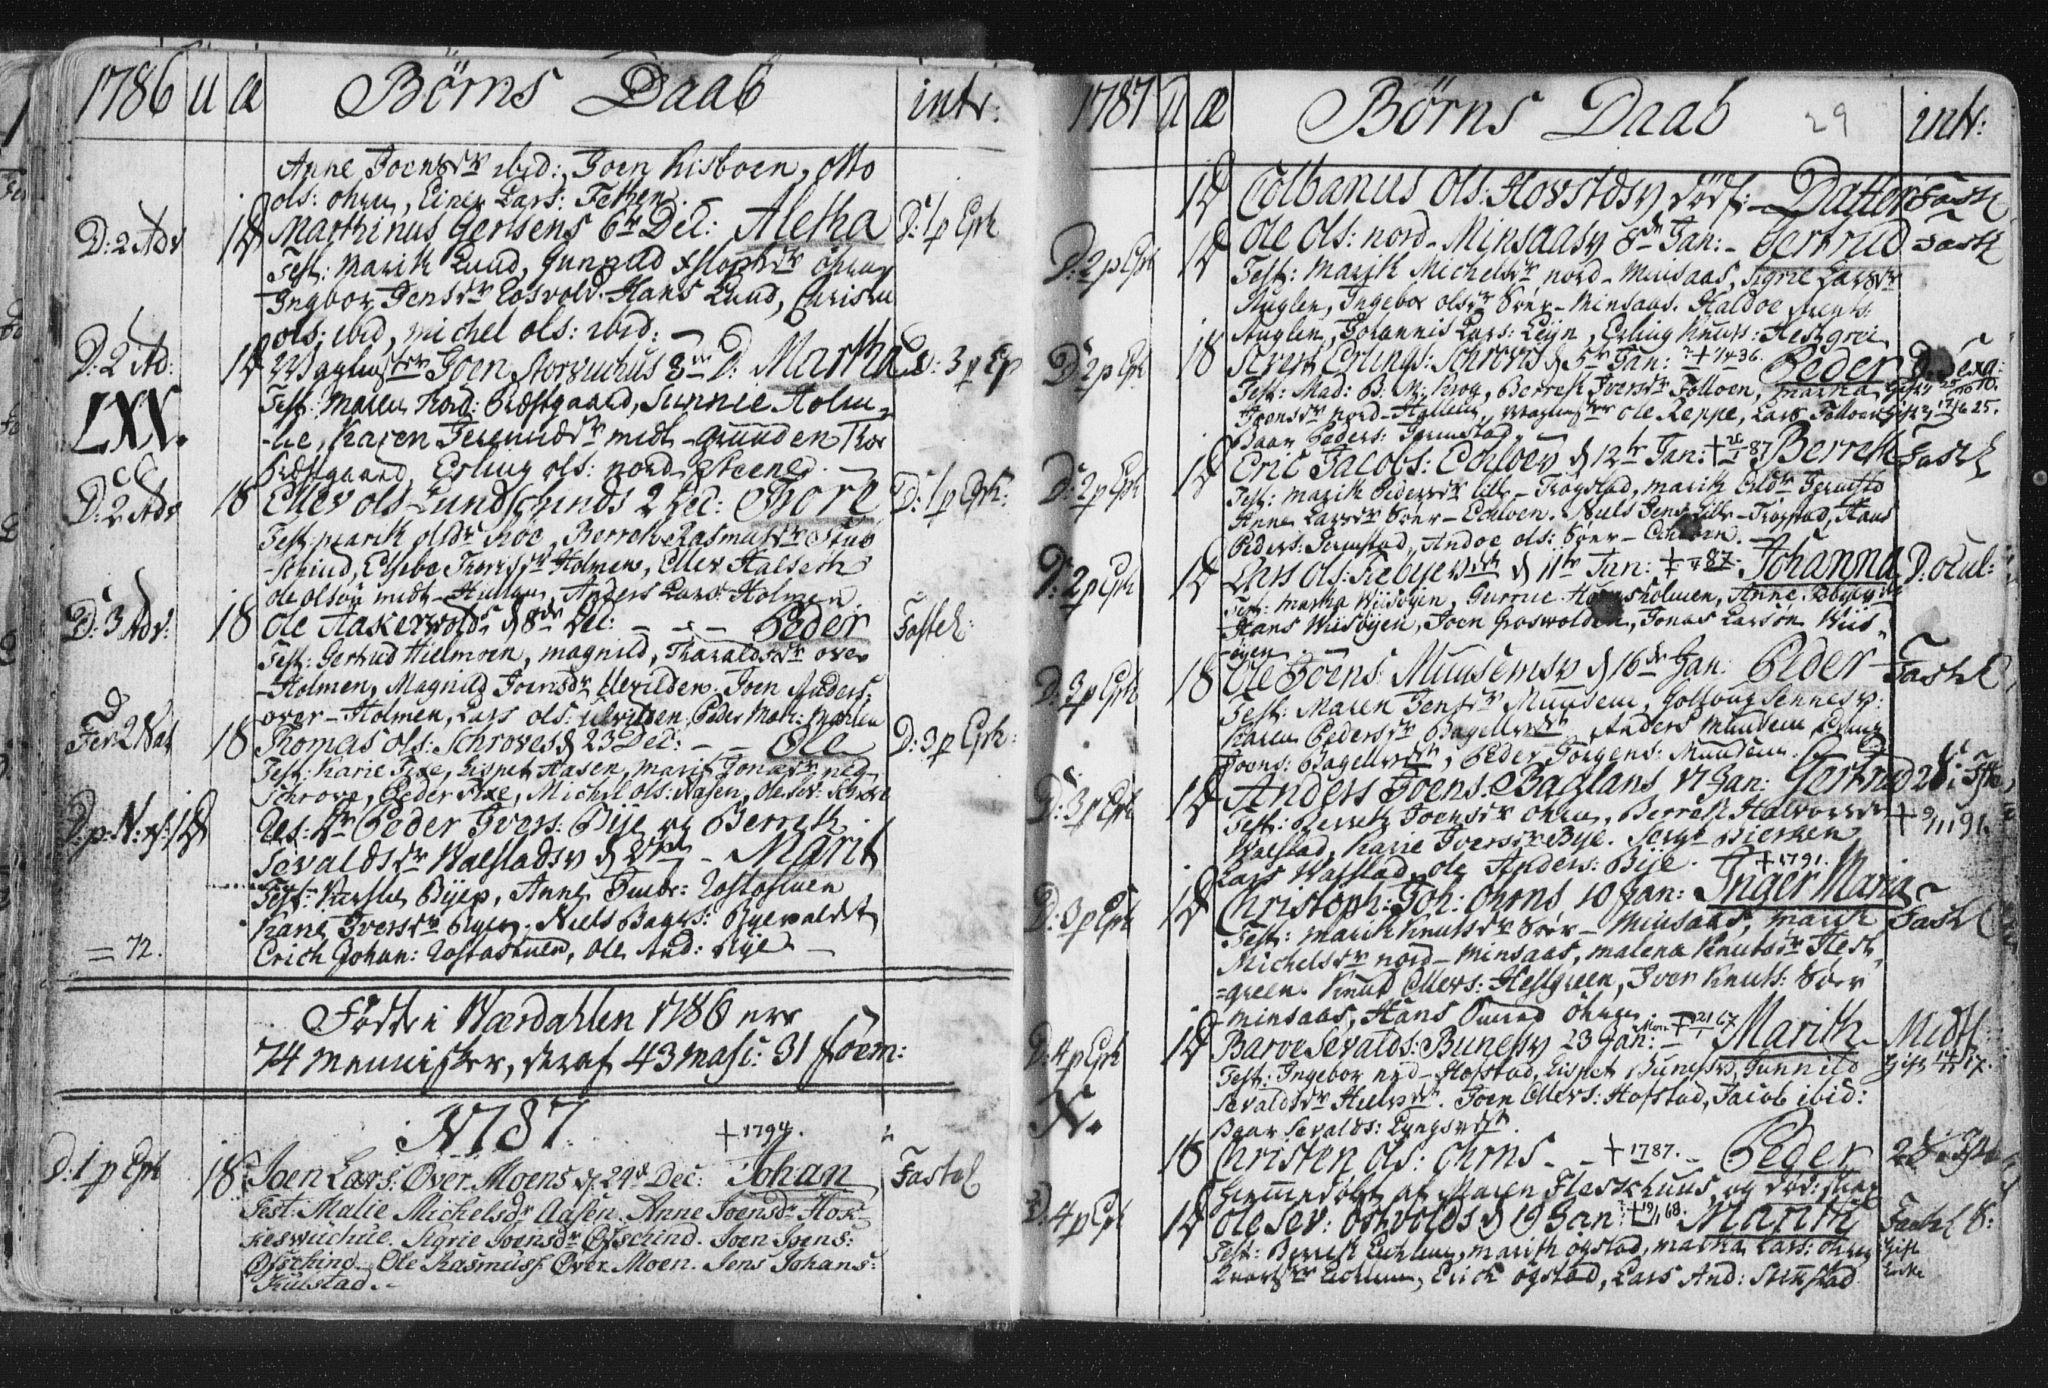 SAT, Ministerialprotokoller, klokkerbøker og fødselsregistre - Nord-Trøndelag, 723/L0232: Ministerialbok nr. 723A03, 1781-1804, s. 29